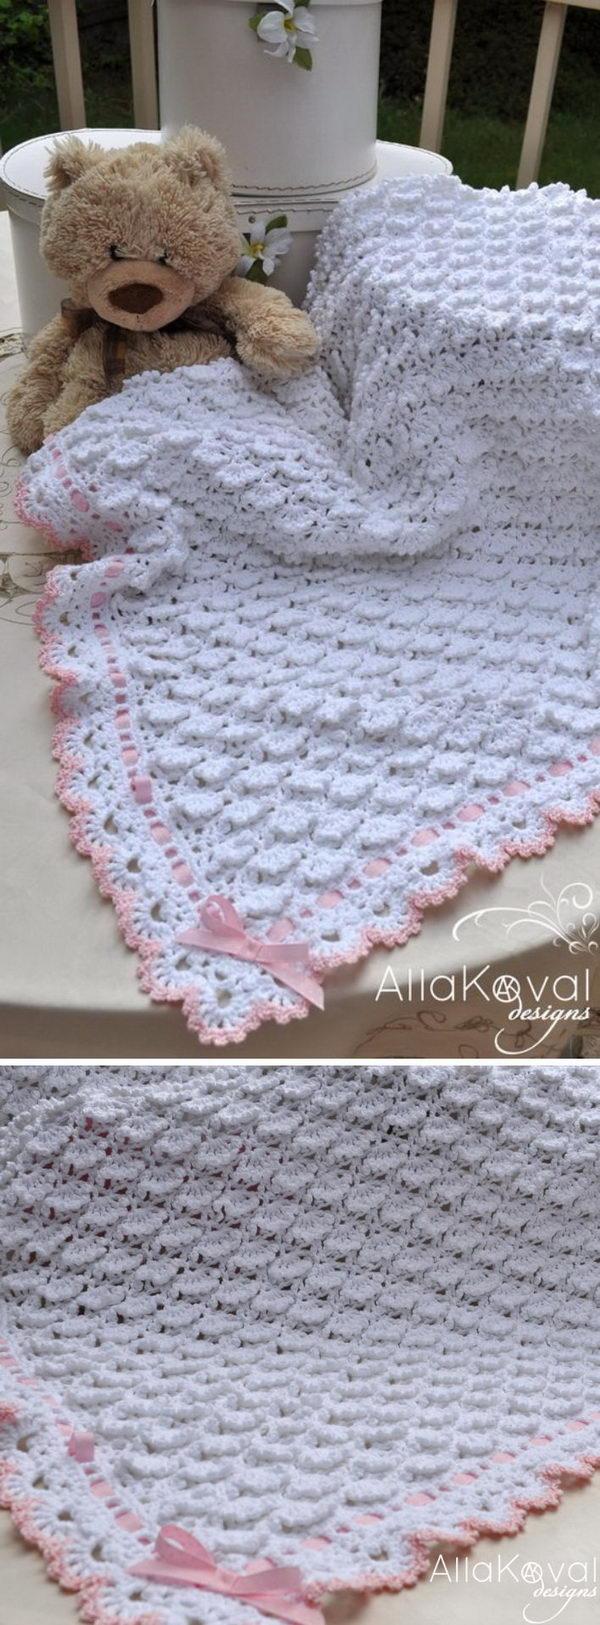 Free Baby Blanket Crochet Pattern.